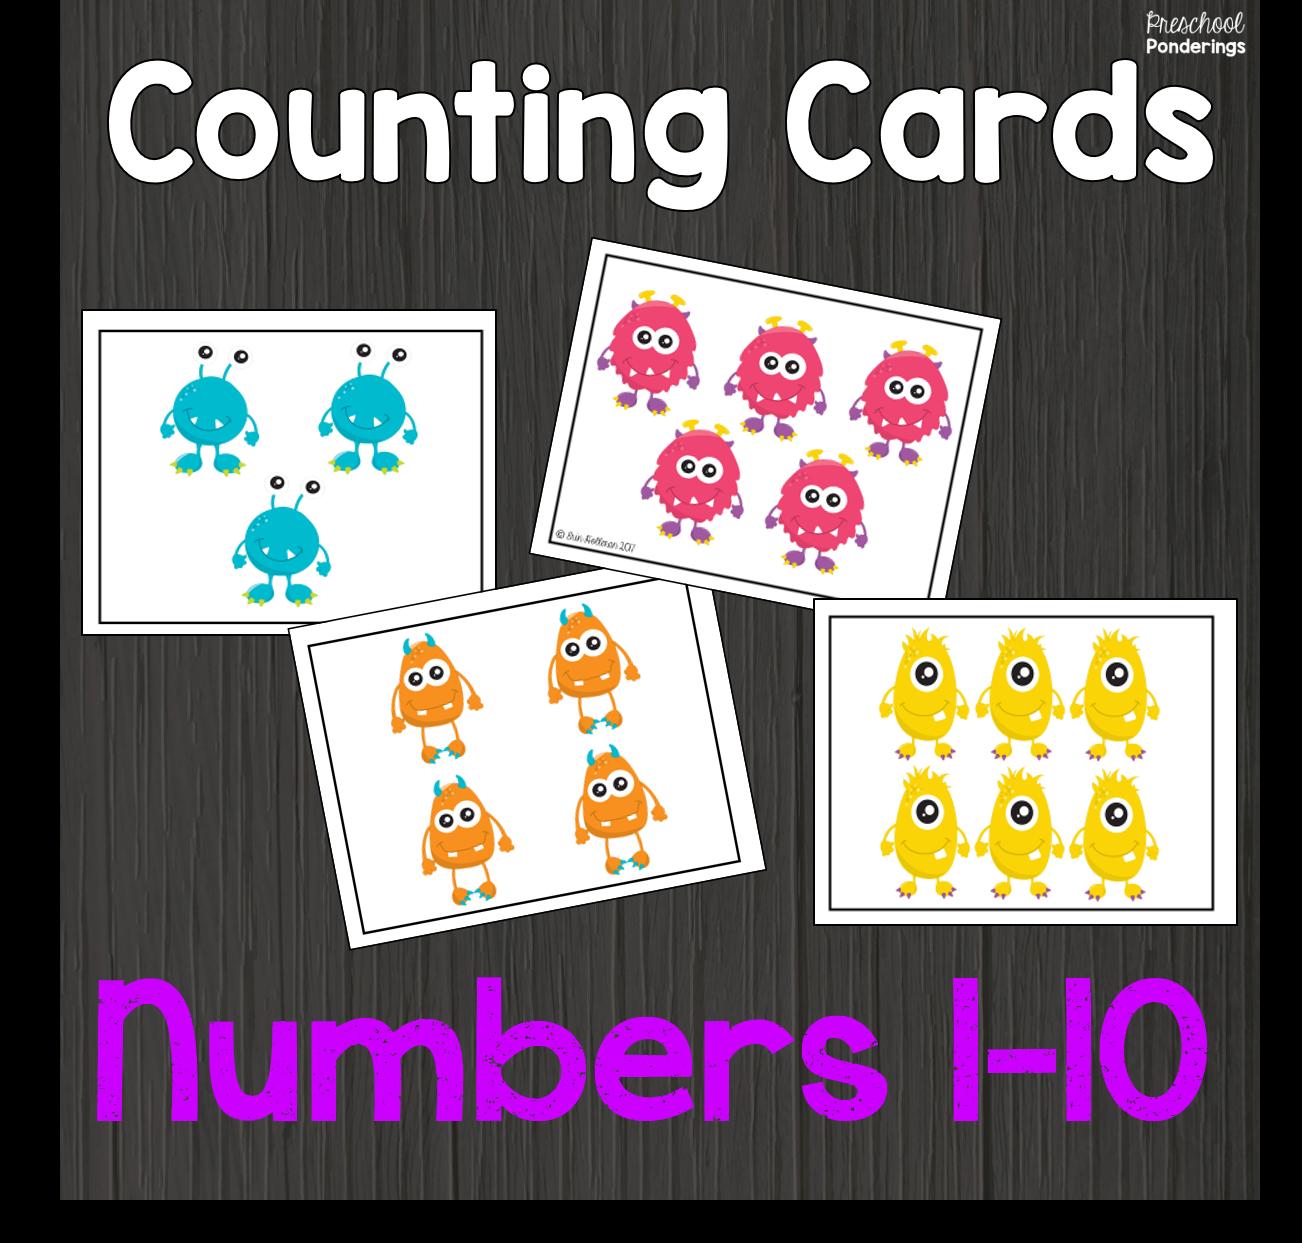 Image Card Count Cronek Png: Preschool Ponderings: Monster Math